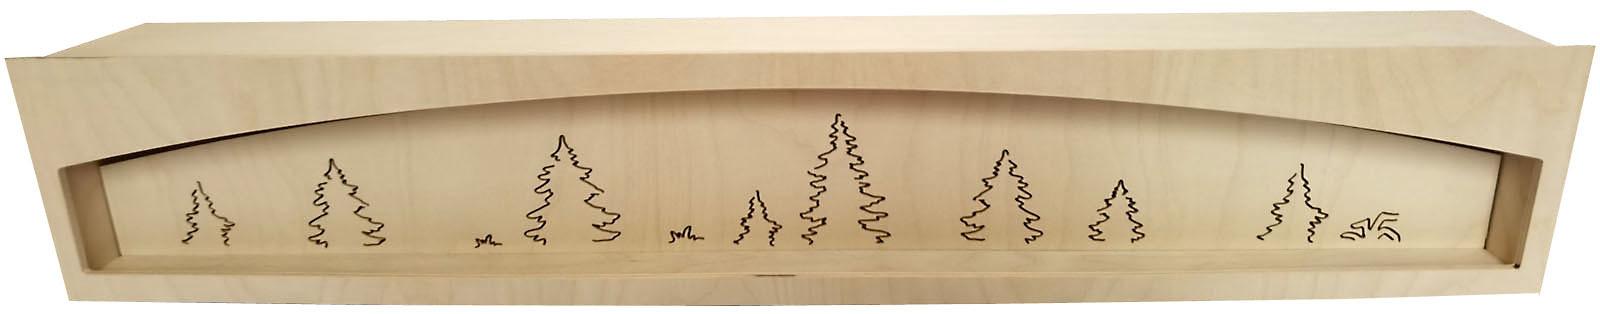 Taulin Schwibbogen-Untersatz, unbeleuchtet - 84 cm